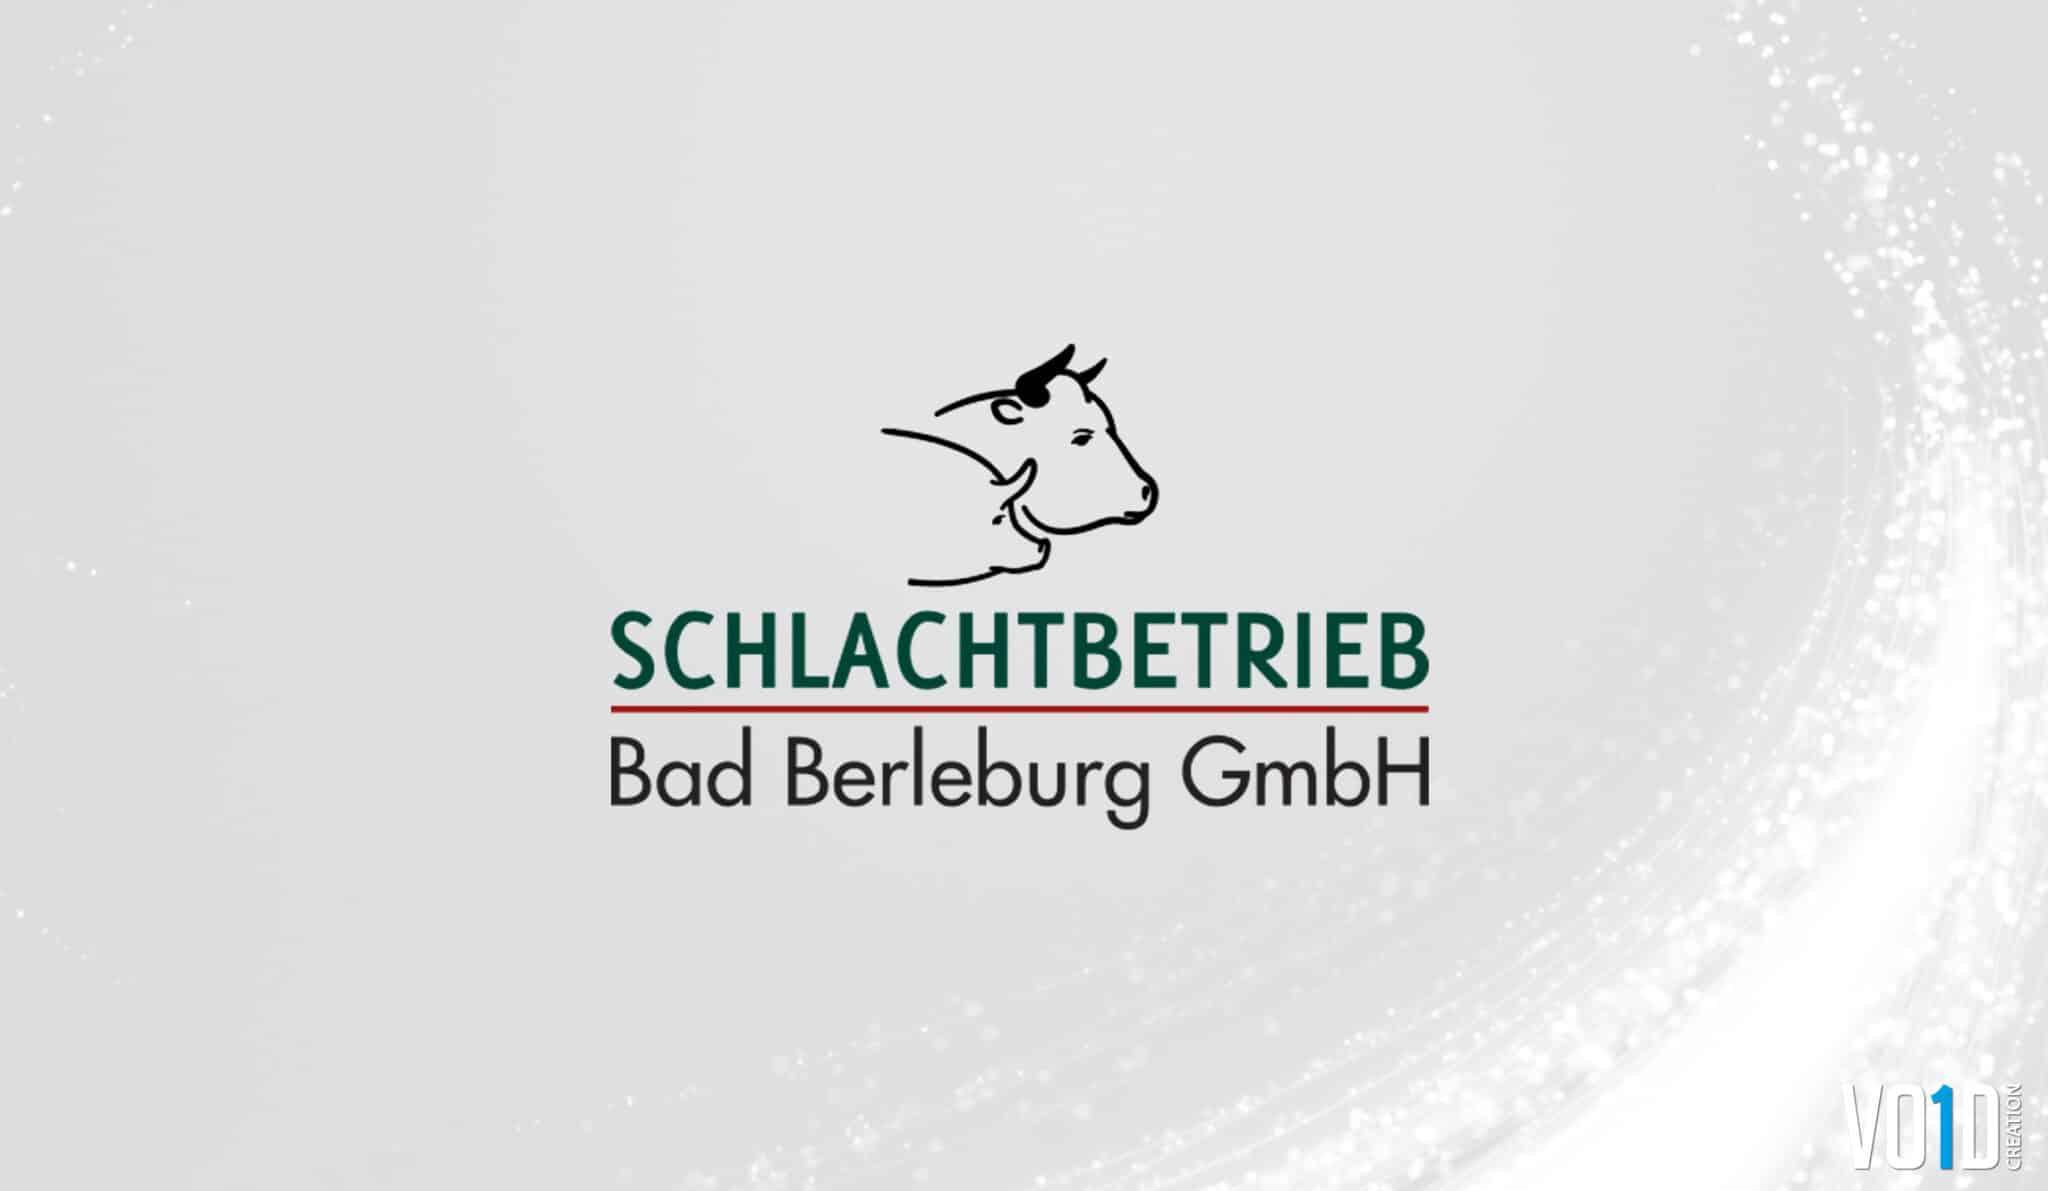 Schlachtbetrieb Bad Berleburg